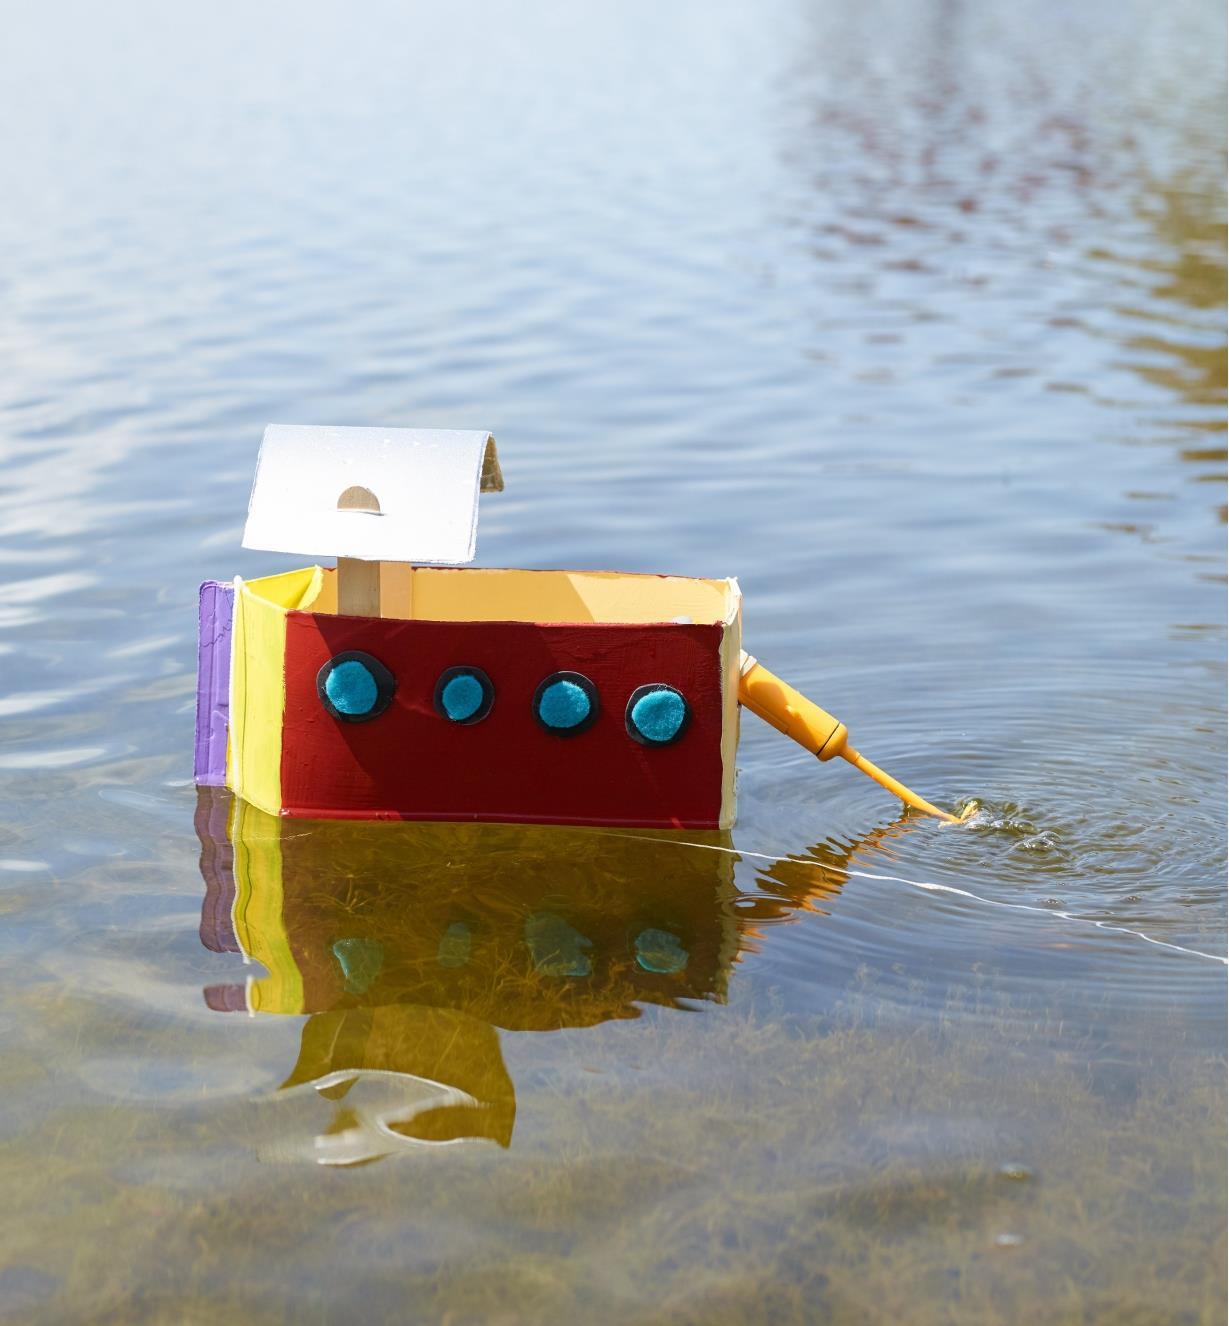 Moteur pour bateau miniature monté sur un bateau jouet maison naviguant sur un lac